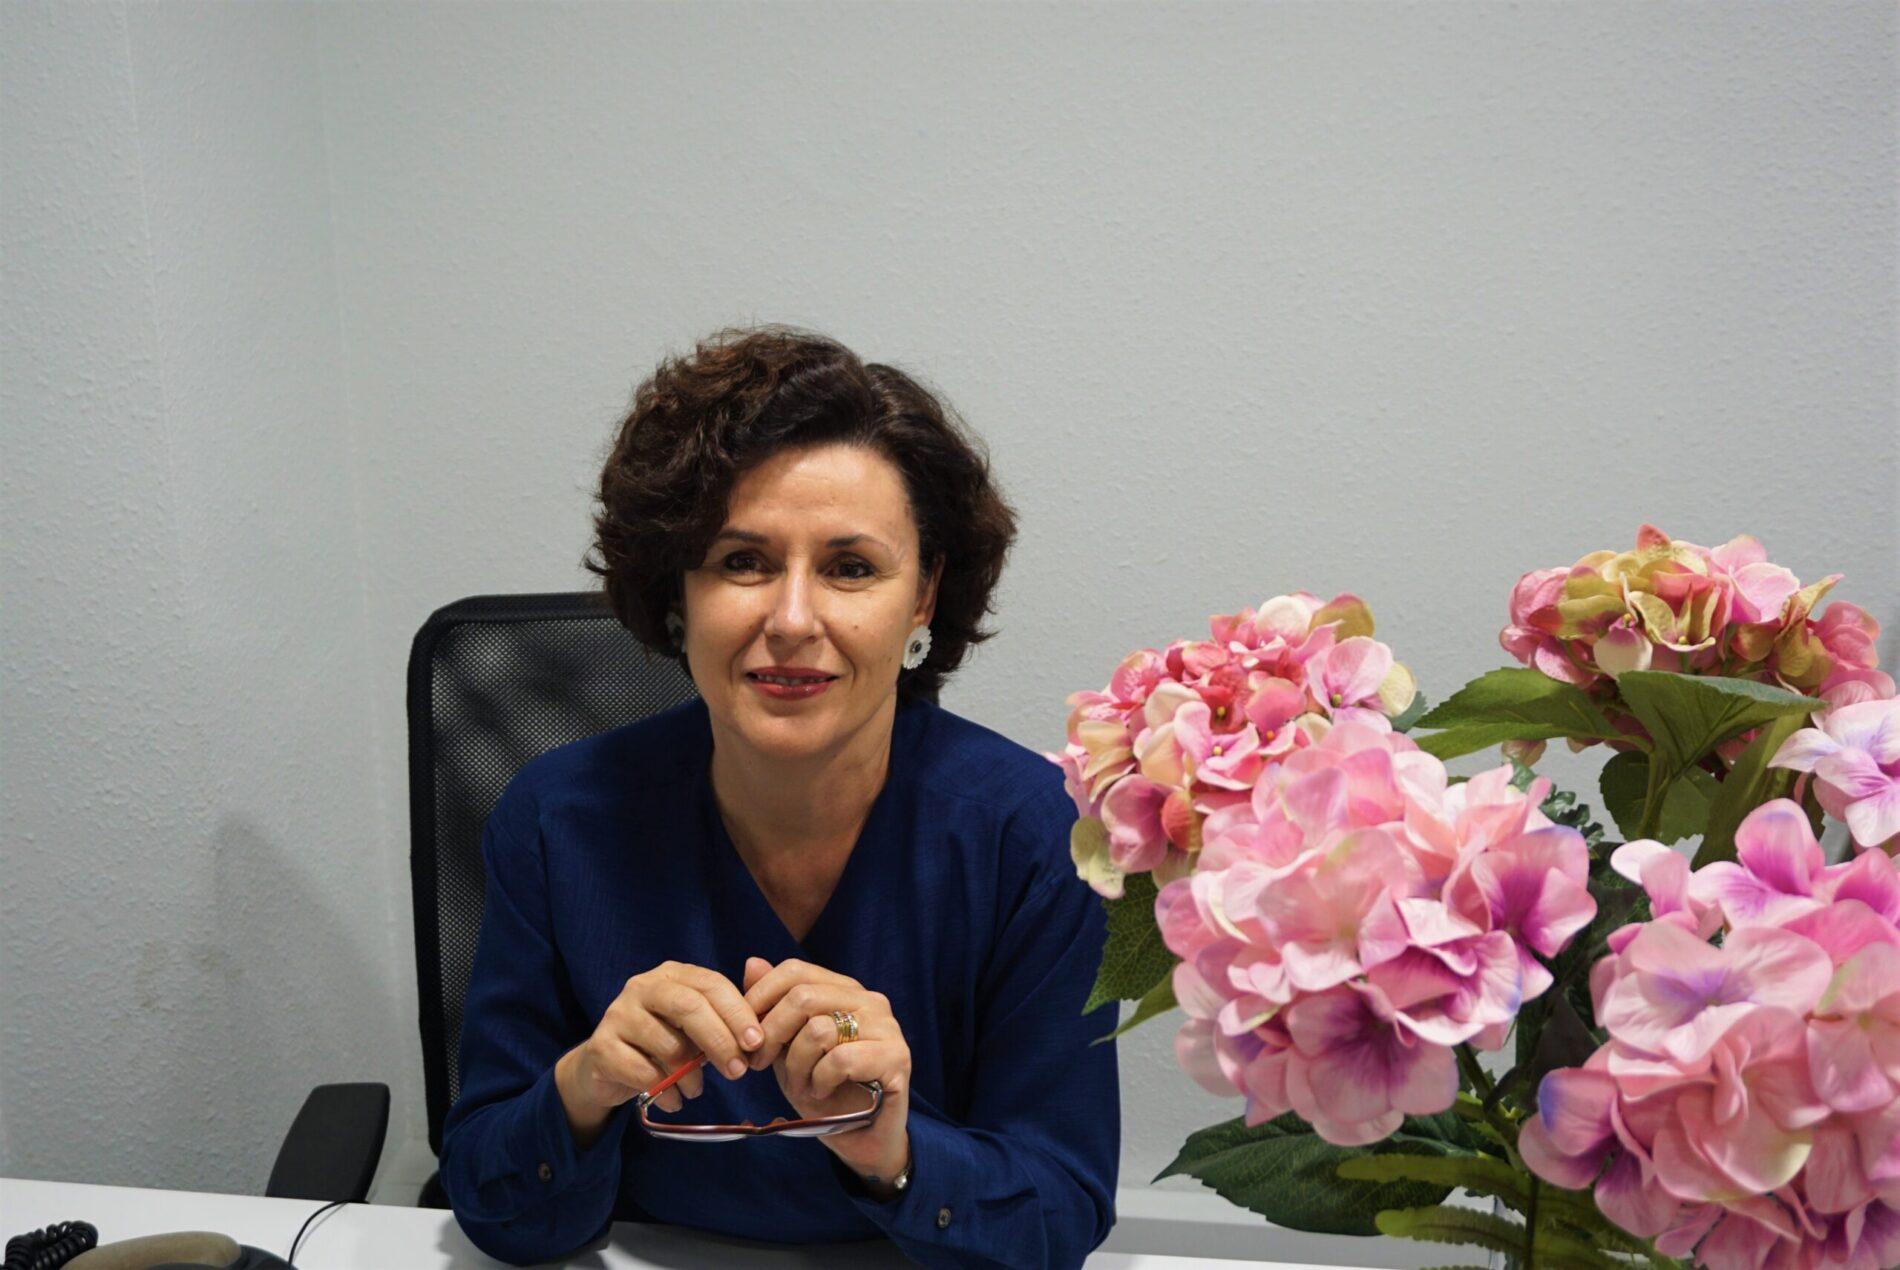 Entrevista Ana Vives, Directora de Contenidos e Informática en Tirant lo Blanch